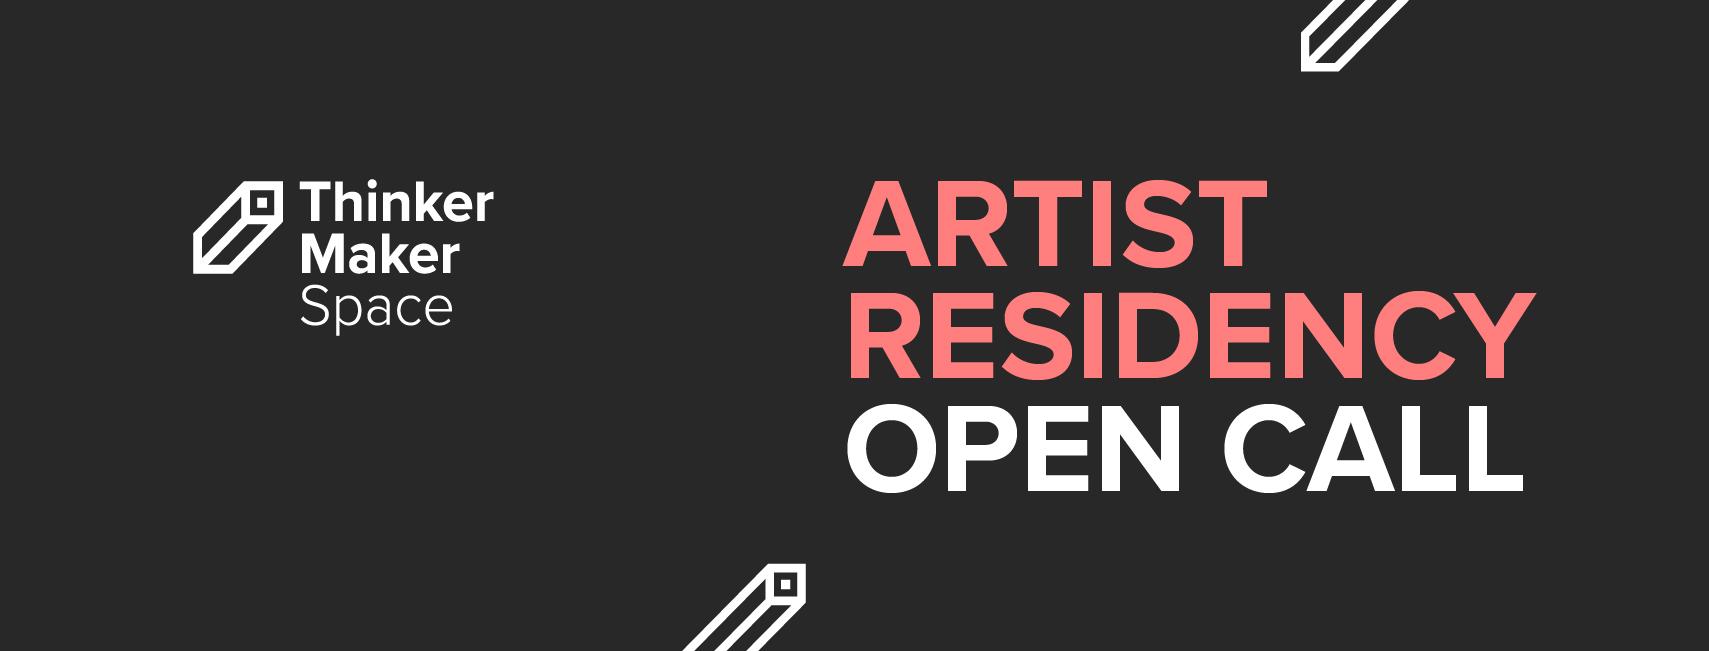 artist residency open call